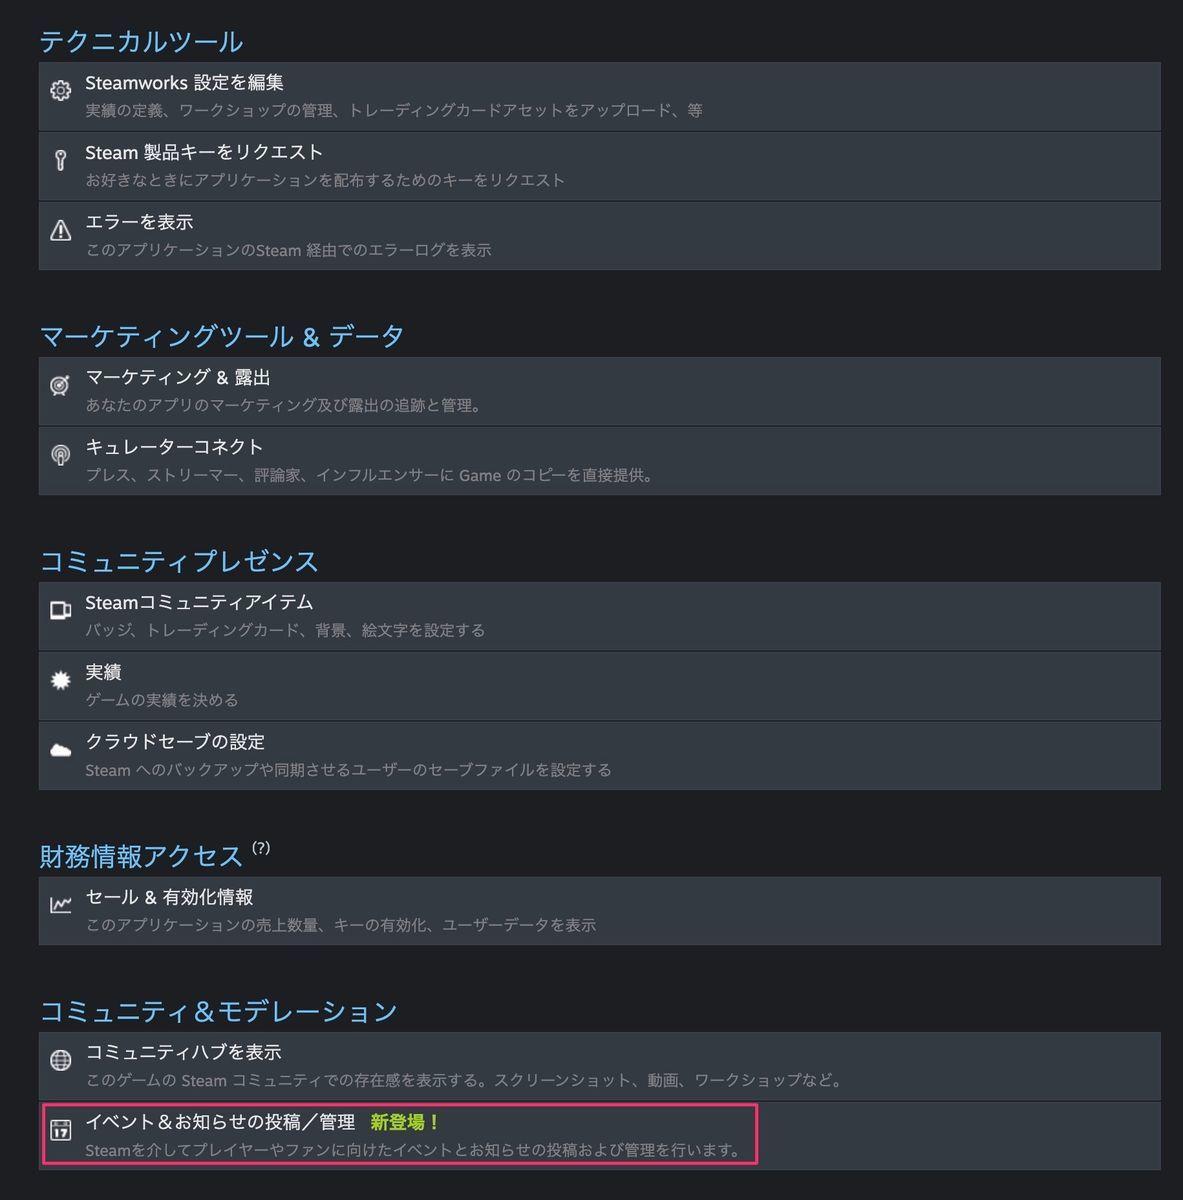 f:id:kan_kikuchi:20210505155713j:plain